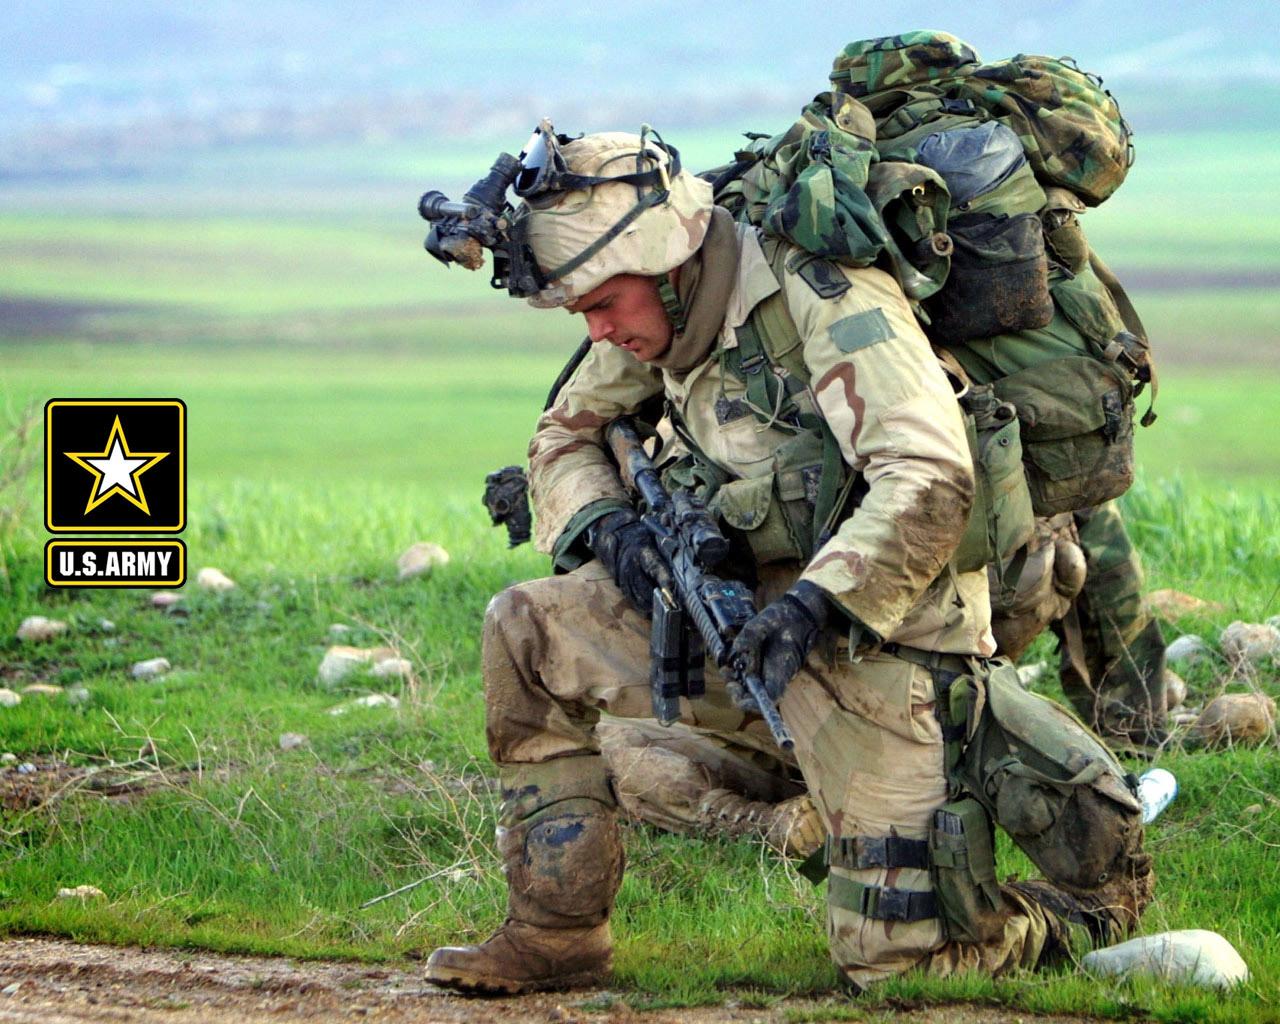 http://2.bp.blogspot.com/-G0EDeCagWRo/T47F5Bm5OwI/AAAAAAAADwM/OpXs73rVFJ8/s1600/wHD7_US+Army2.jpg